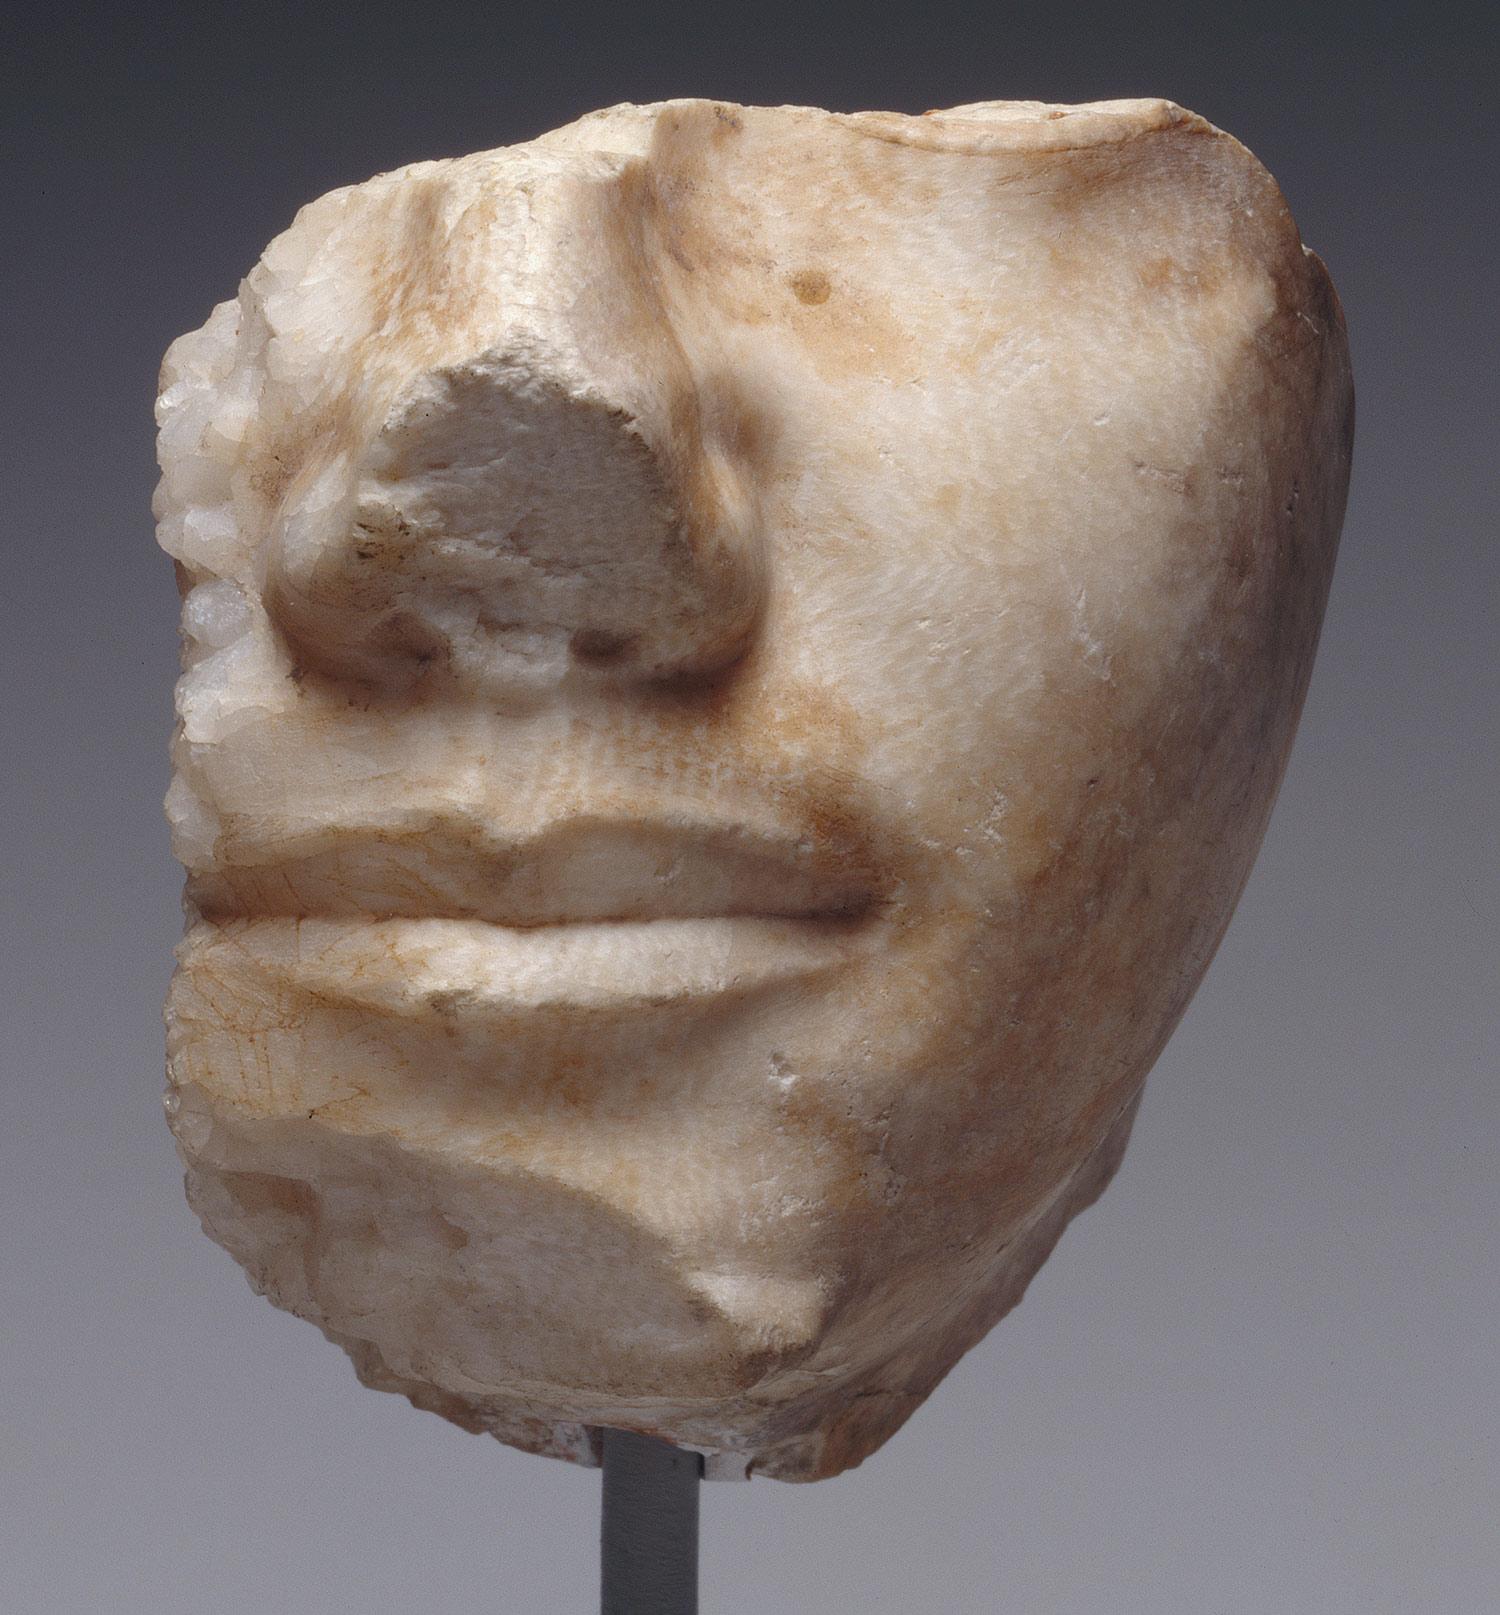 https://i1.wp.com/www.metmuseum.org/toah/images/h2/h2_26.7.1392.jpg